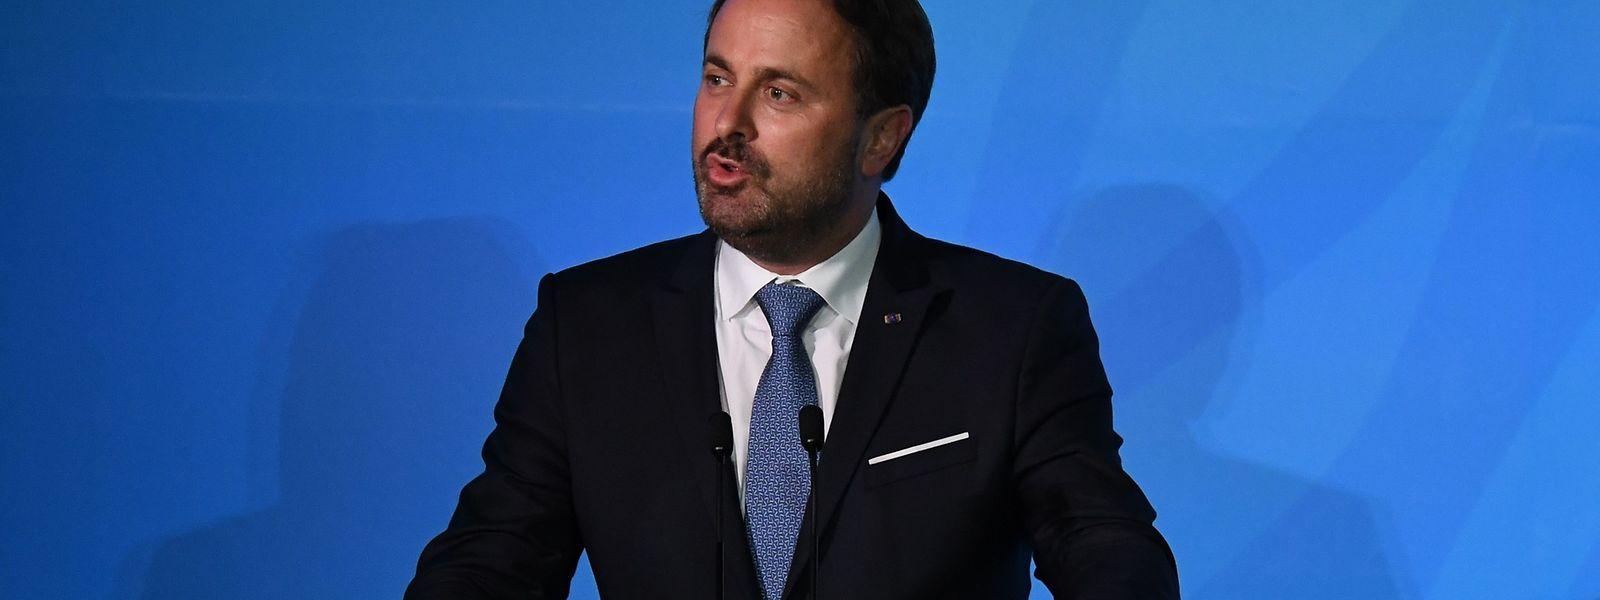 Xavier Bettel, lors de la 74e Assemblée générale des Nations Unies, a notamment évoqué la lutte contre le réchauffement climatique